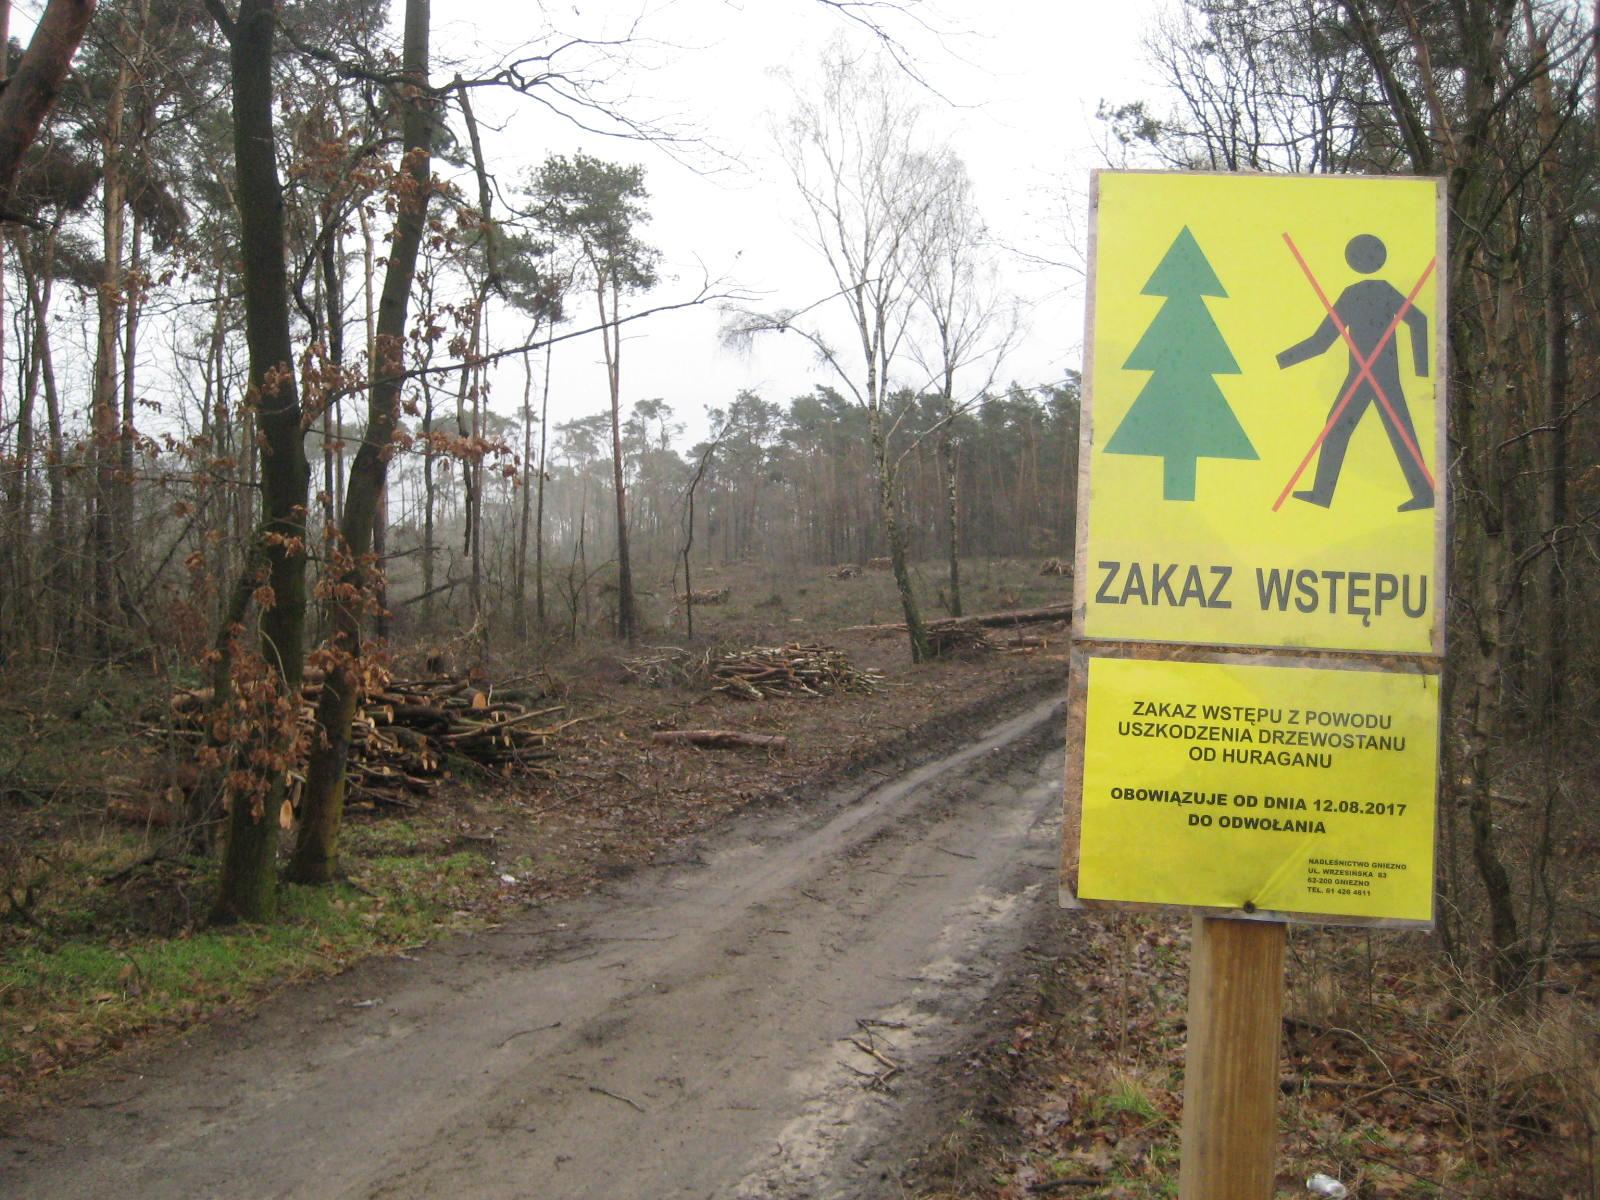 gniezno las nawałnica sprzątanie - Rafał Muniak